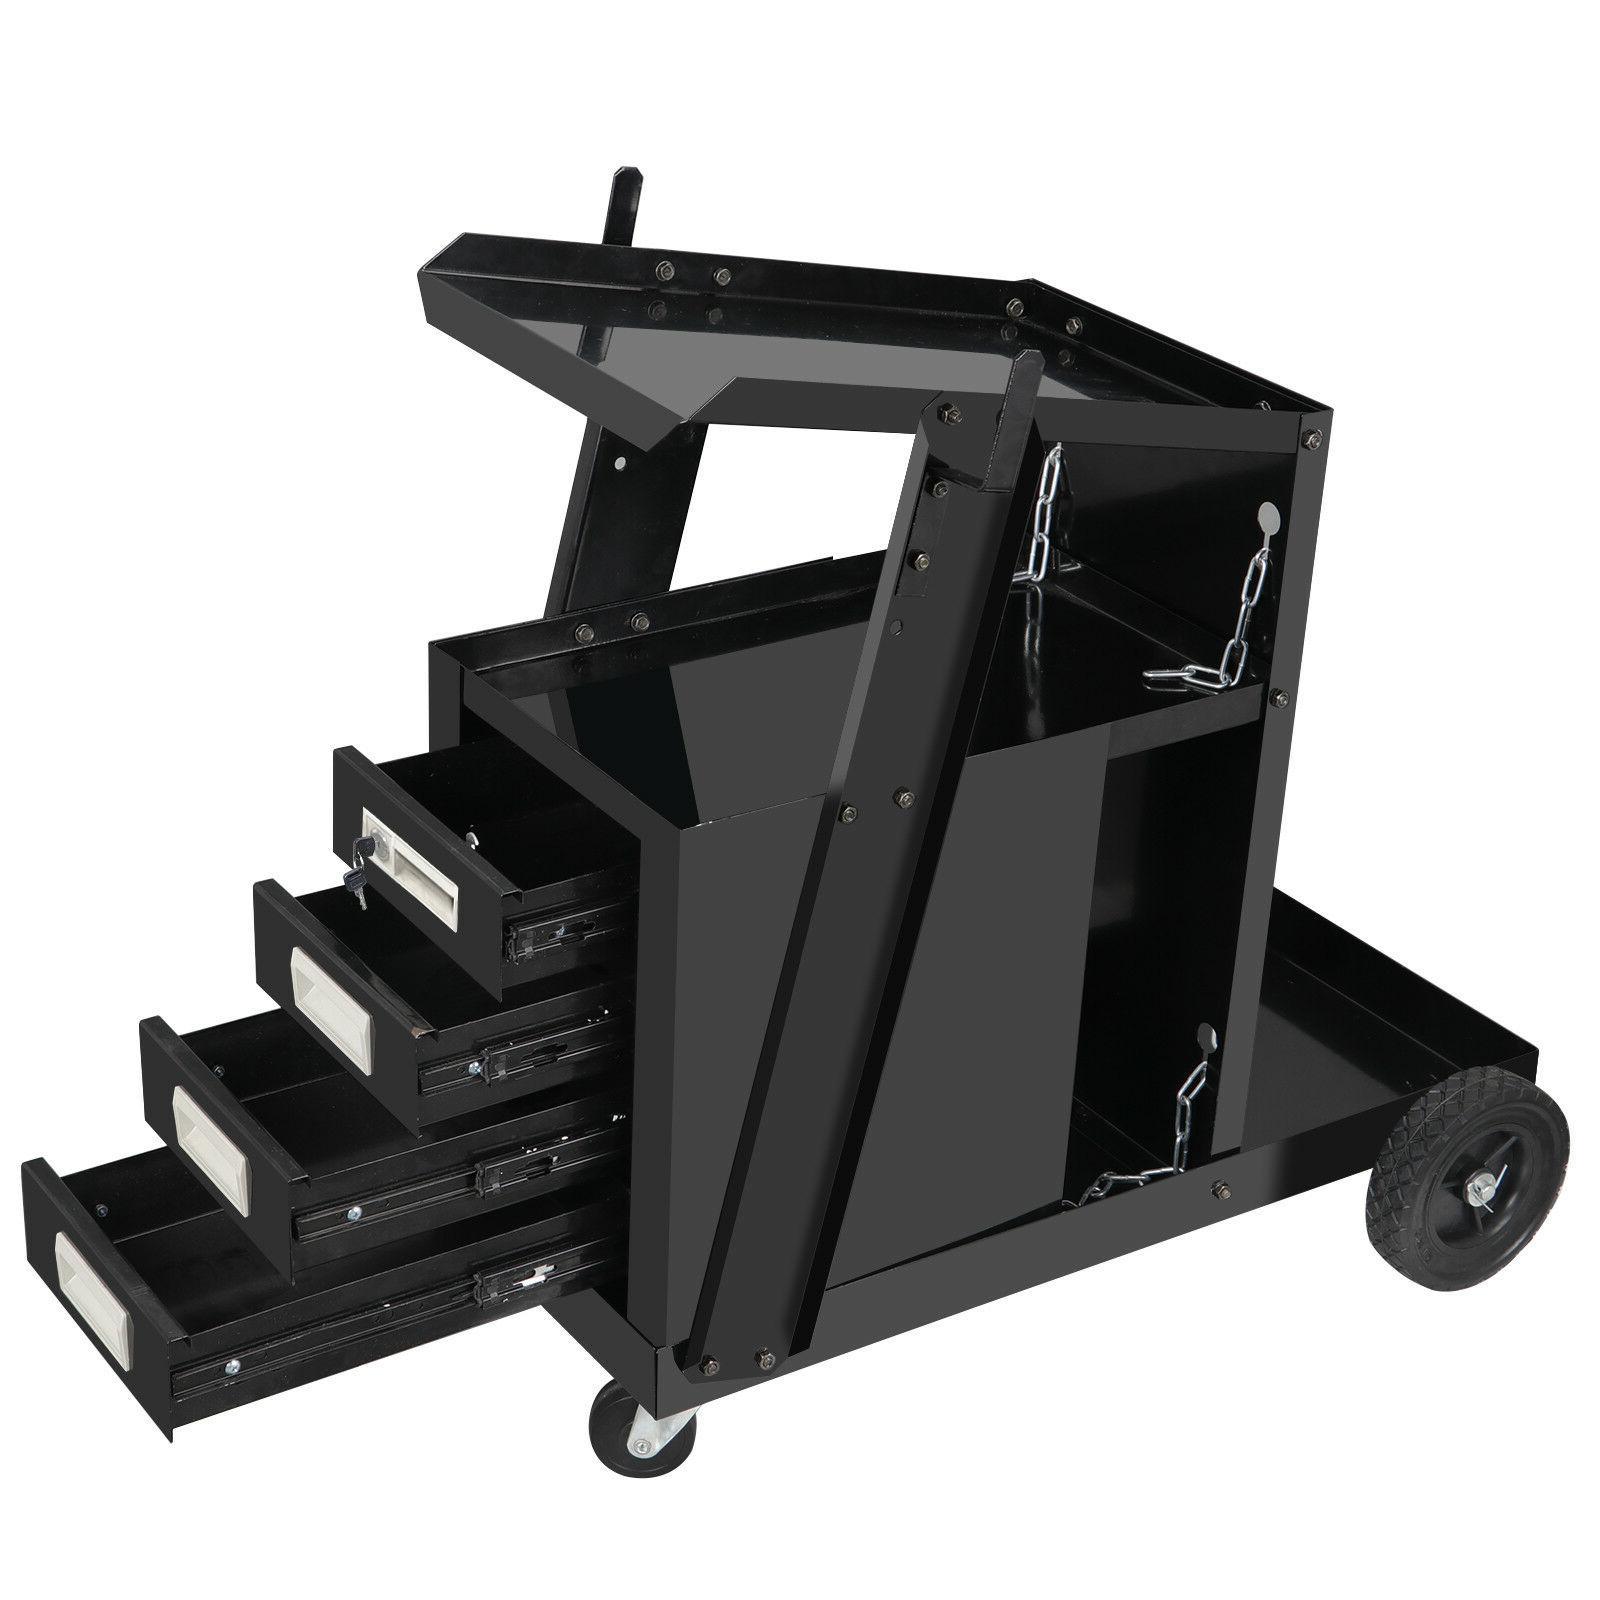 4 drawer cabinet welder welding cart plasma